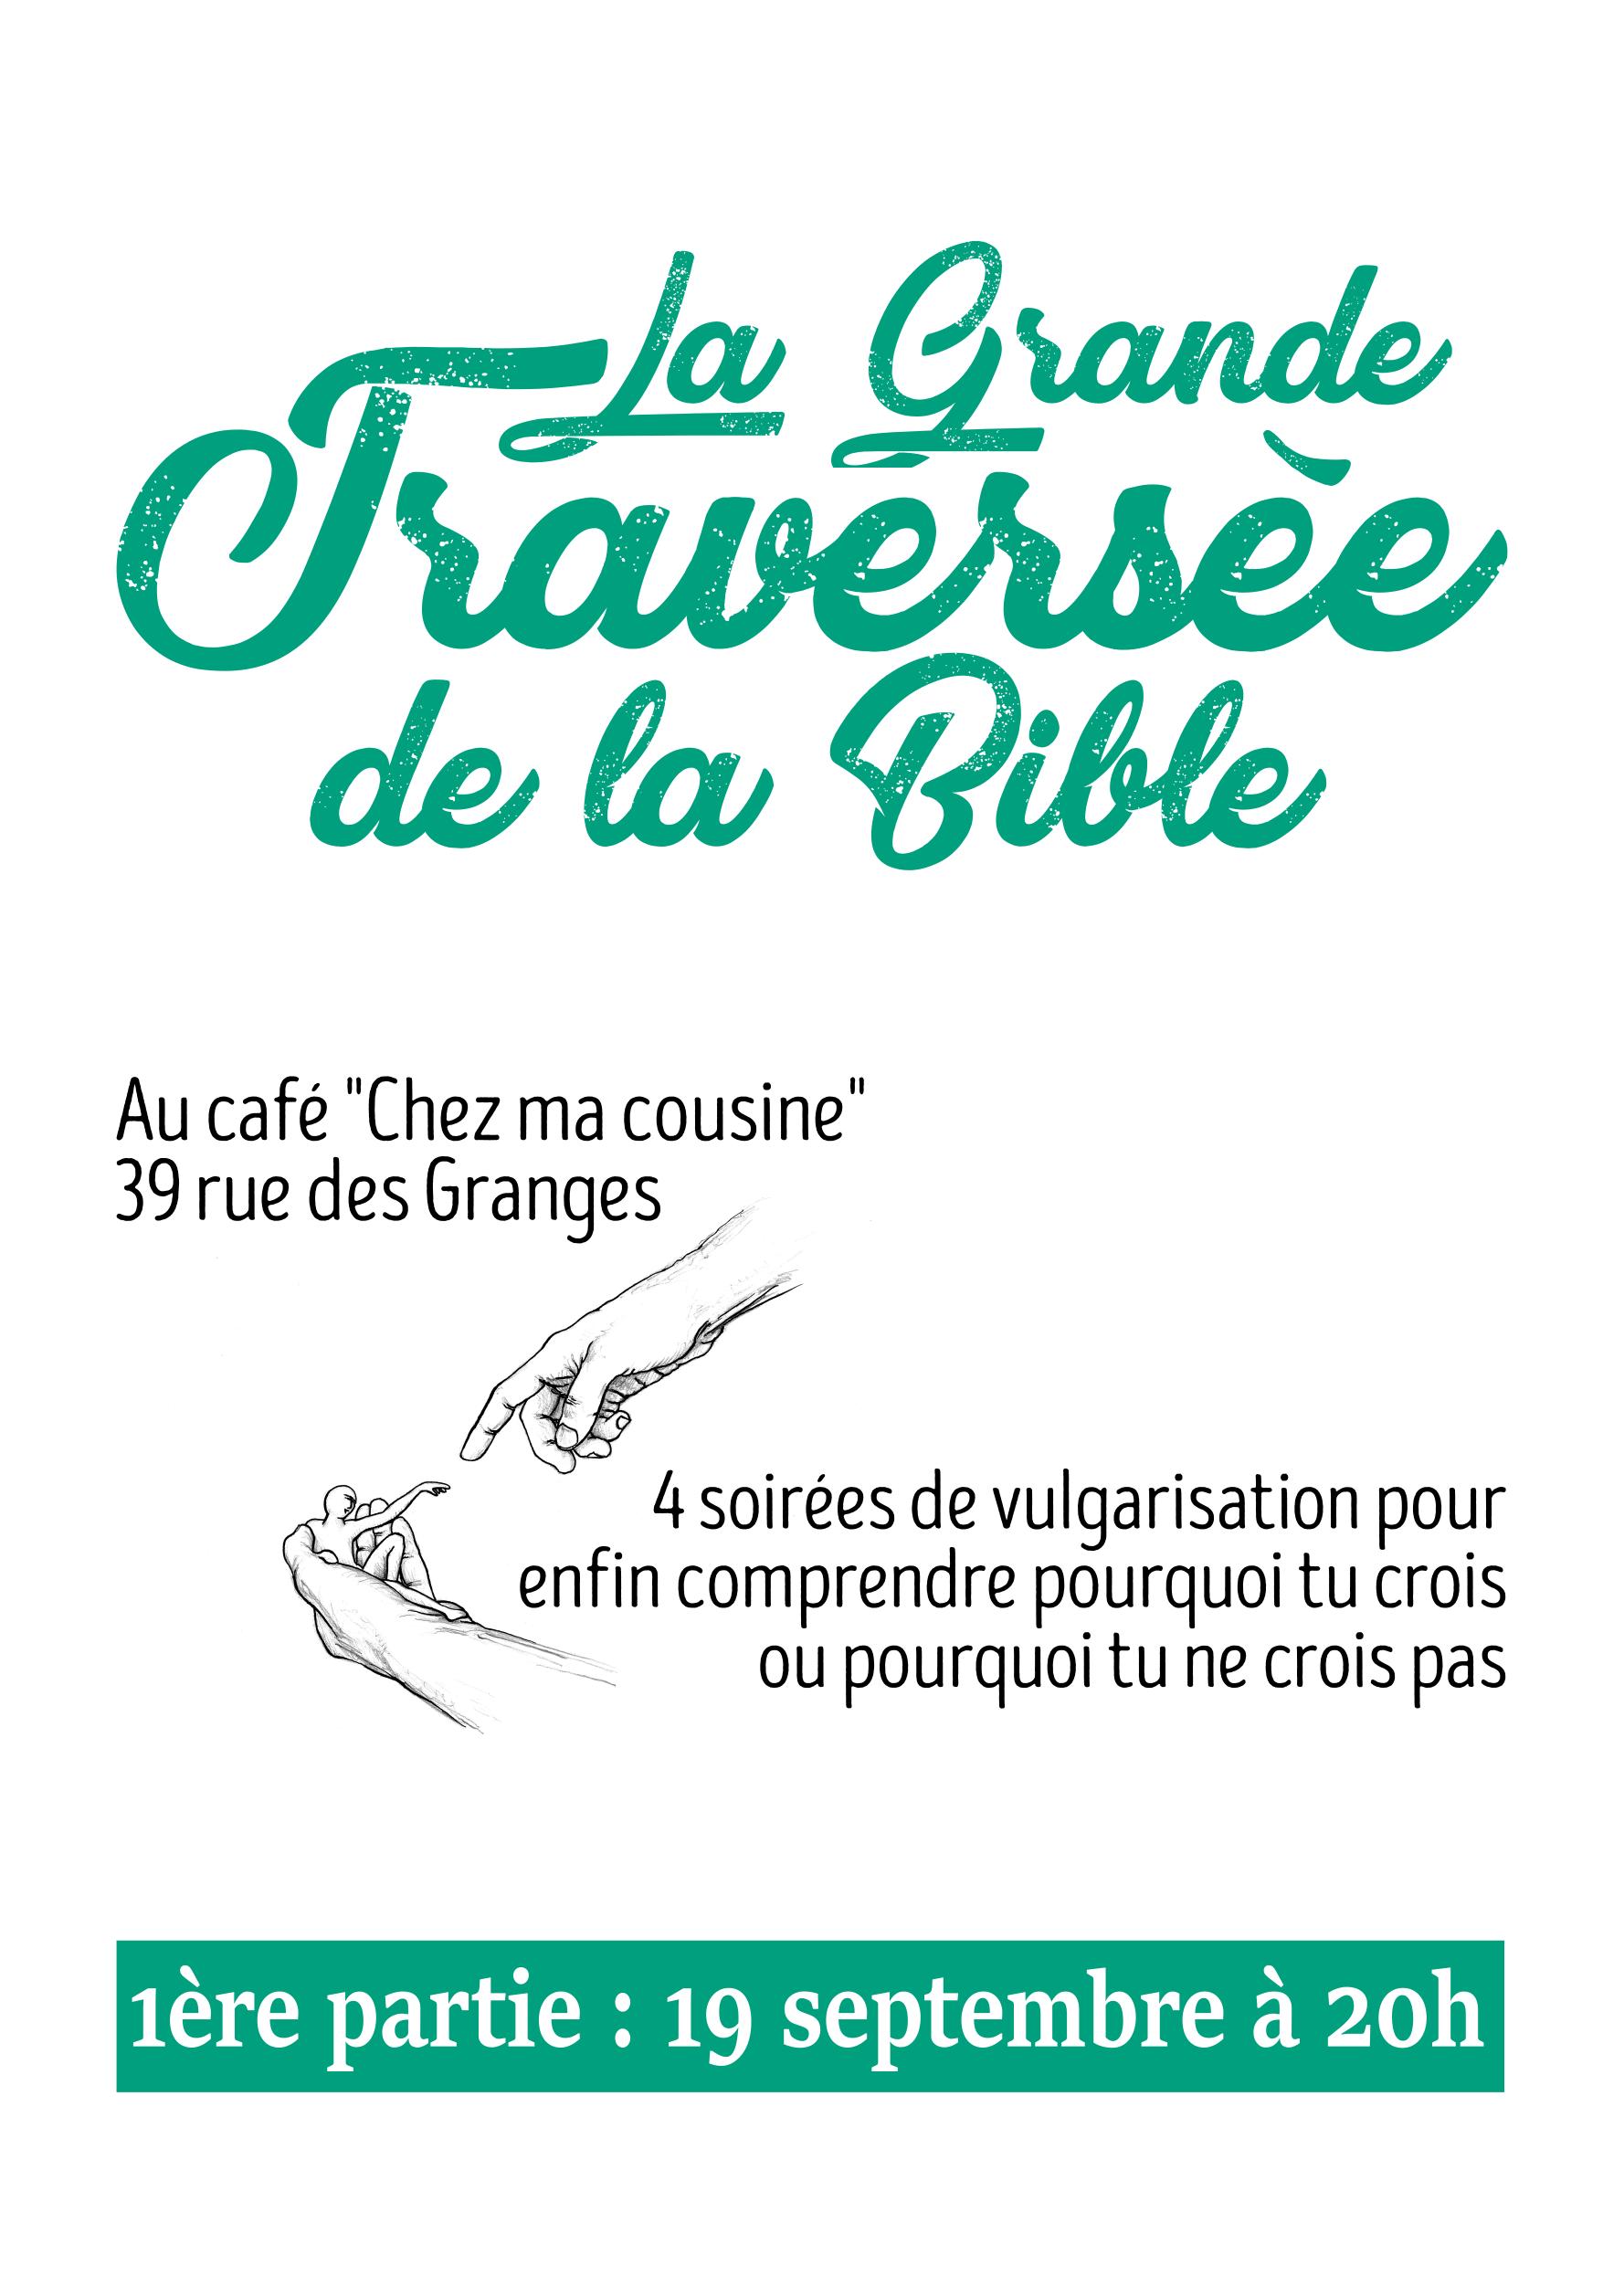 grande_traversee_de_la_bible_besancon_etudiants_decouverte_de_la_bible_soiree_etudiante_battant